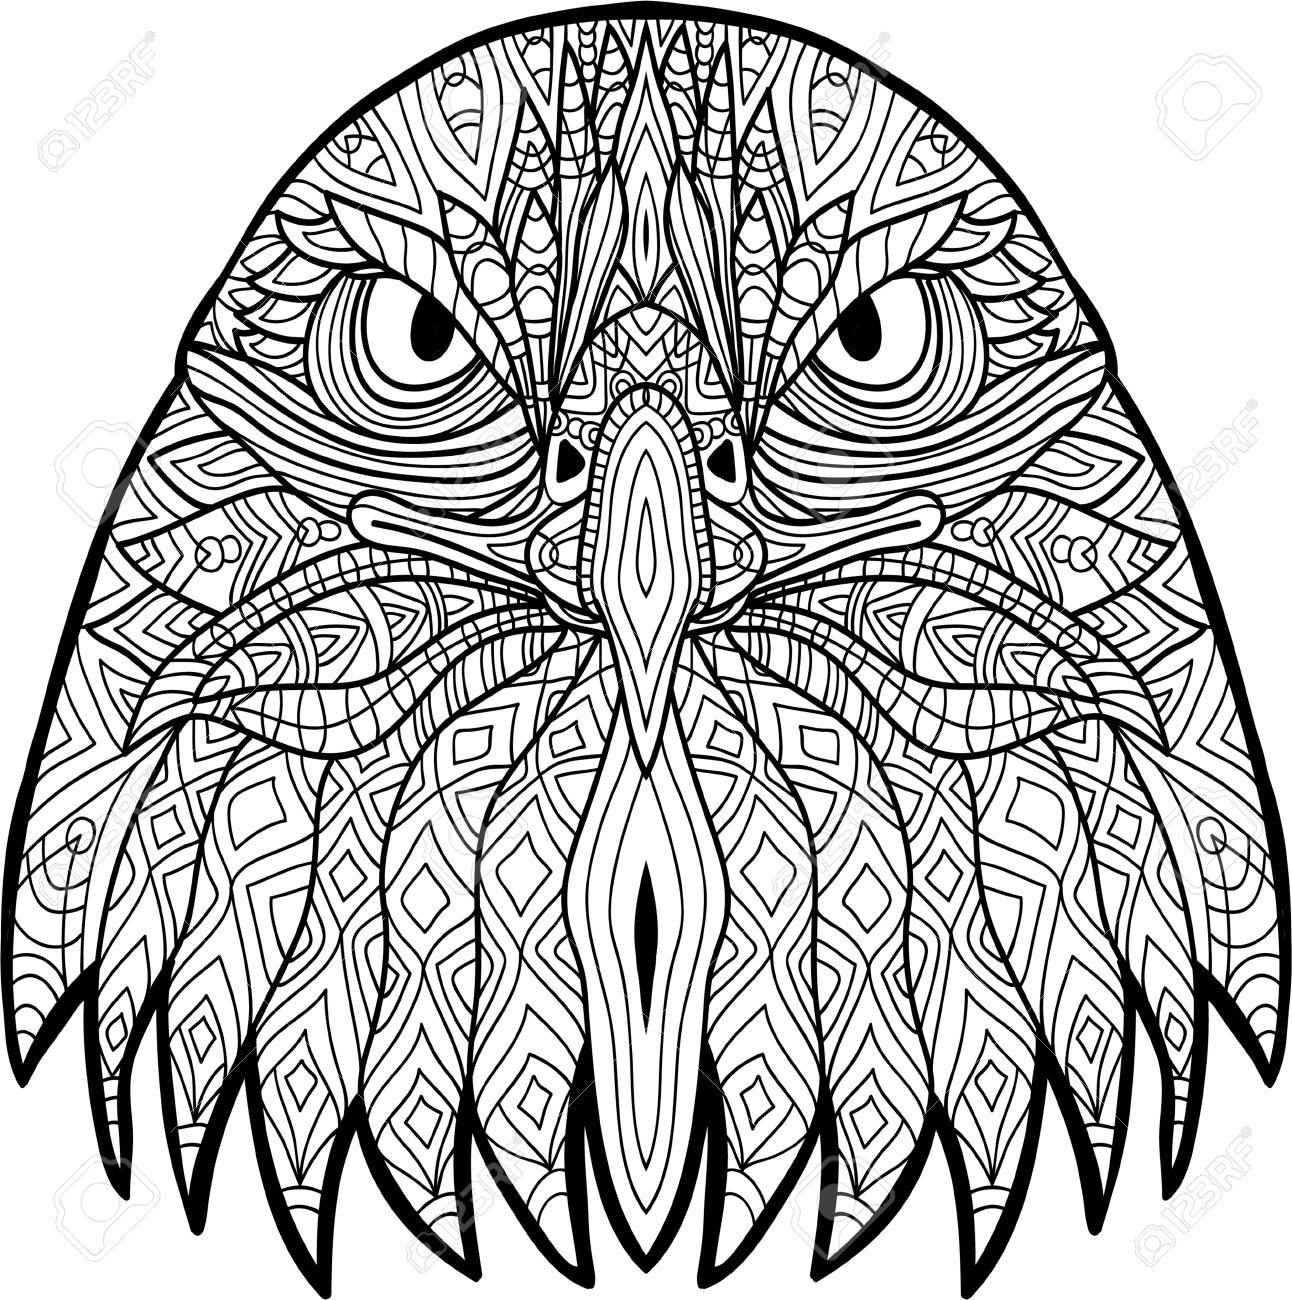 Dibujo Monocromático De Un águila Severa Con Los Patrones. Dibujo ...